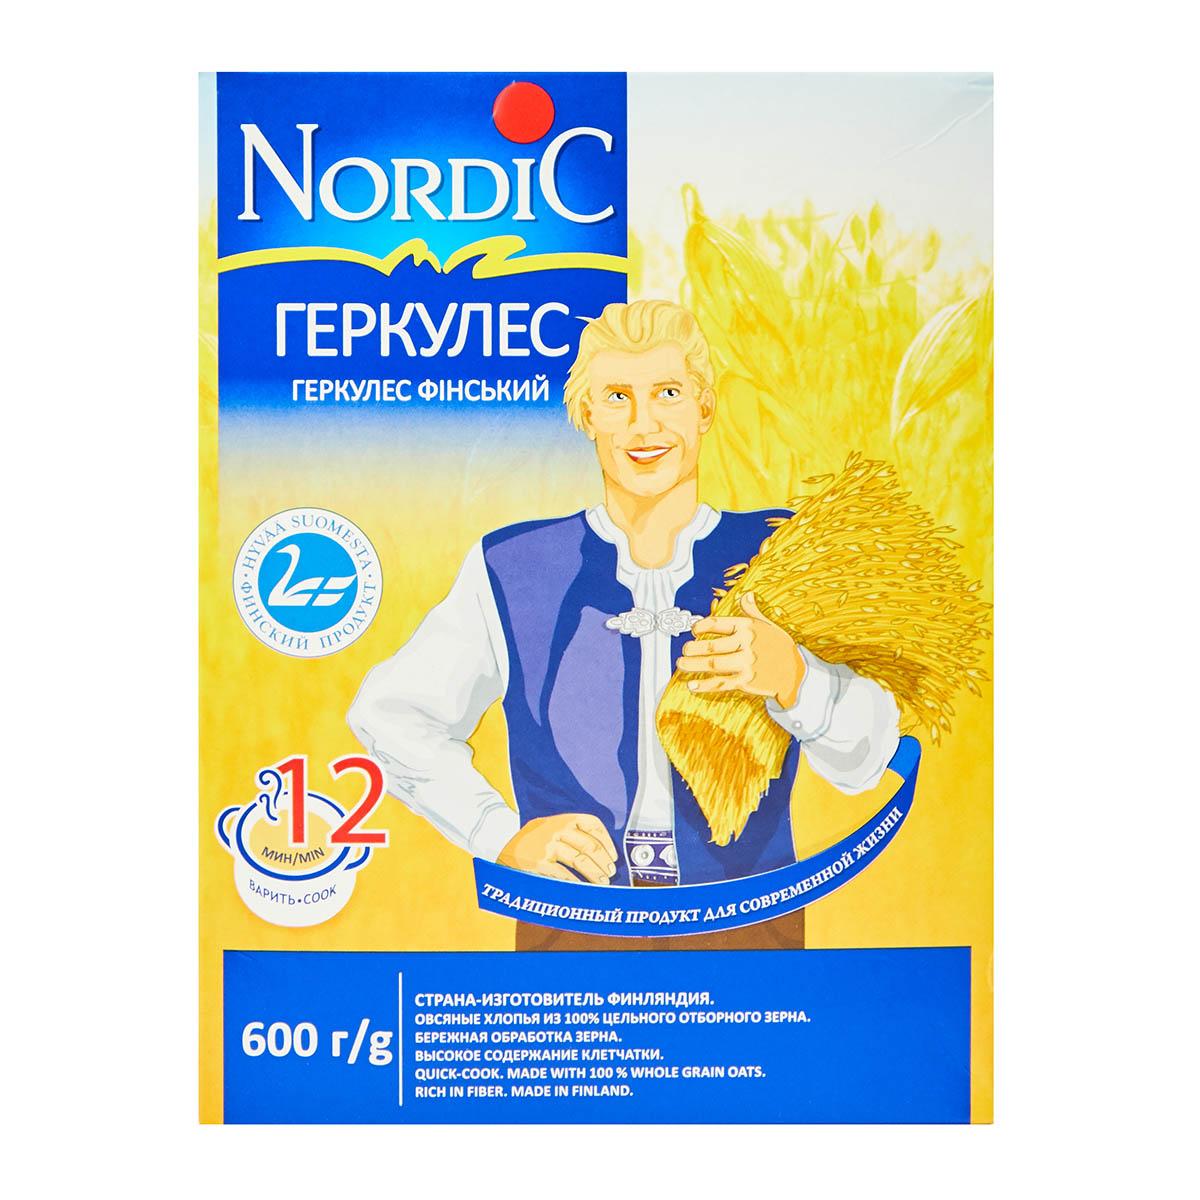 Nordic овсяные хлопья